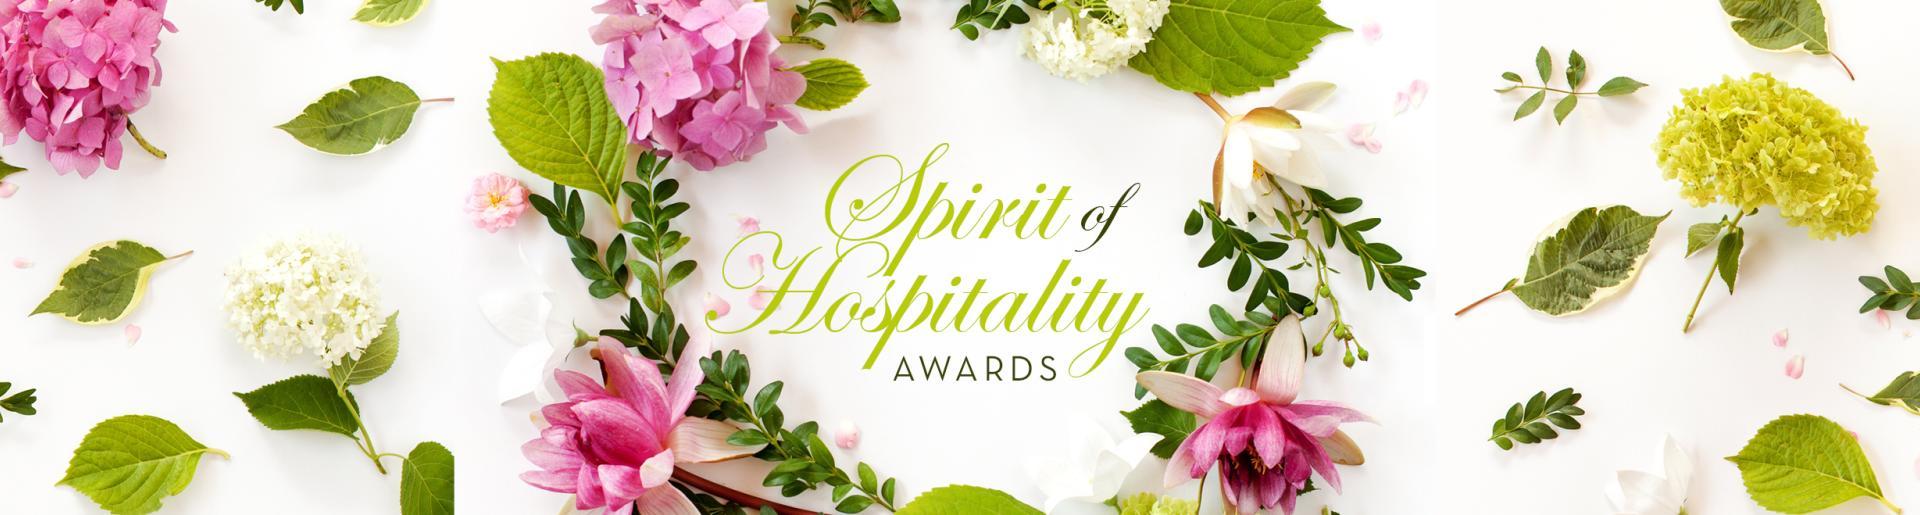 2018 Spirit of Hospitality Awards Banner